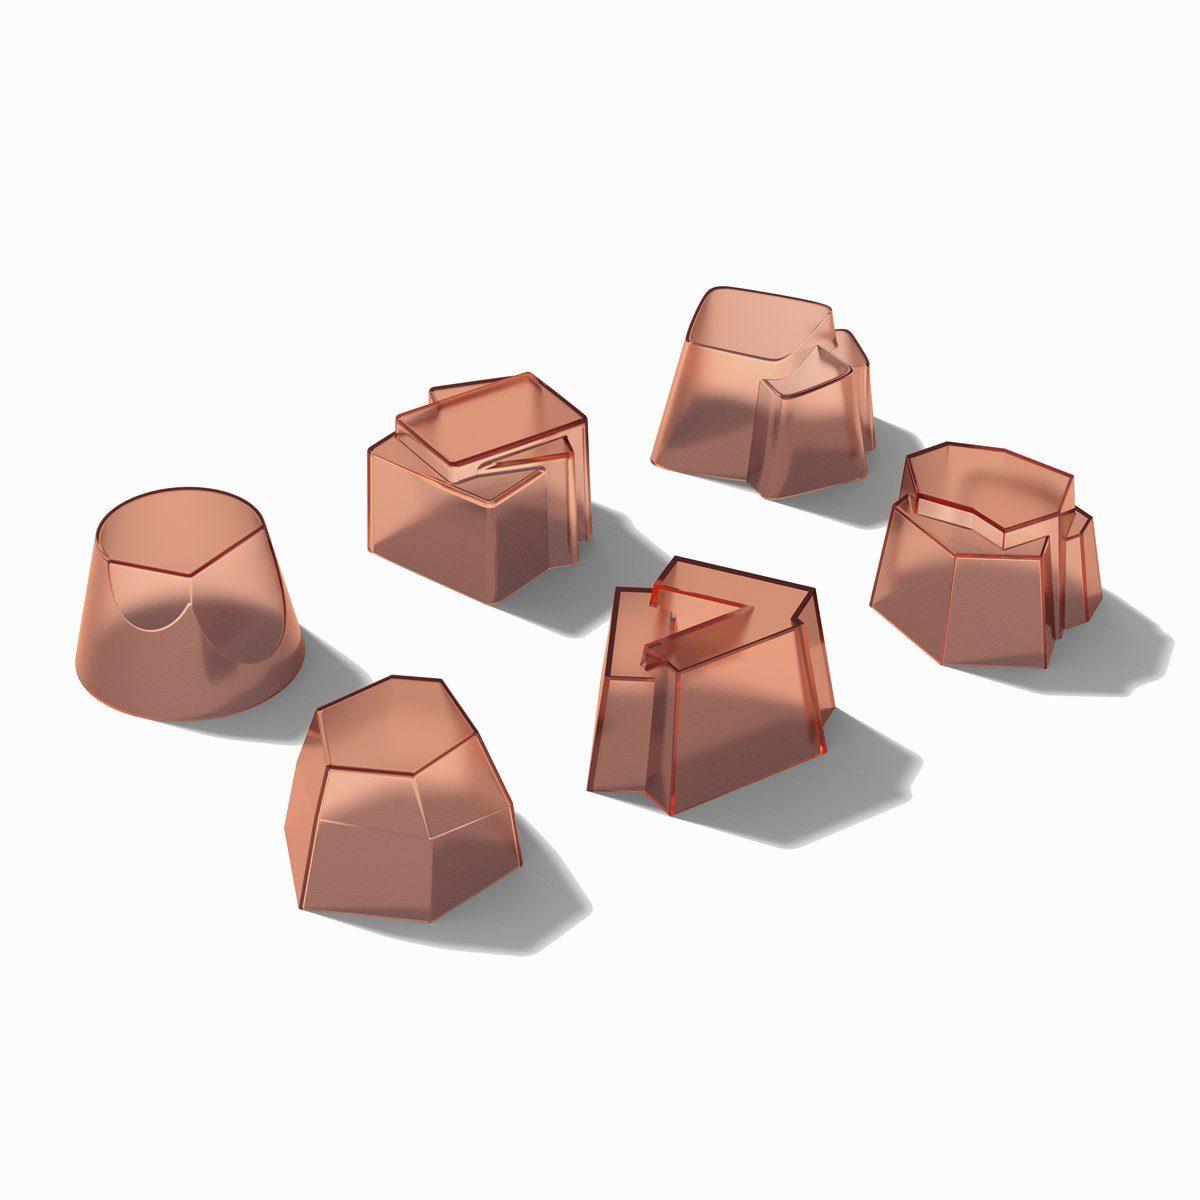 Alessi Alessi Timbaleformen pfirsich Silikon - 6er Set